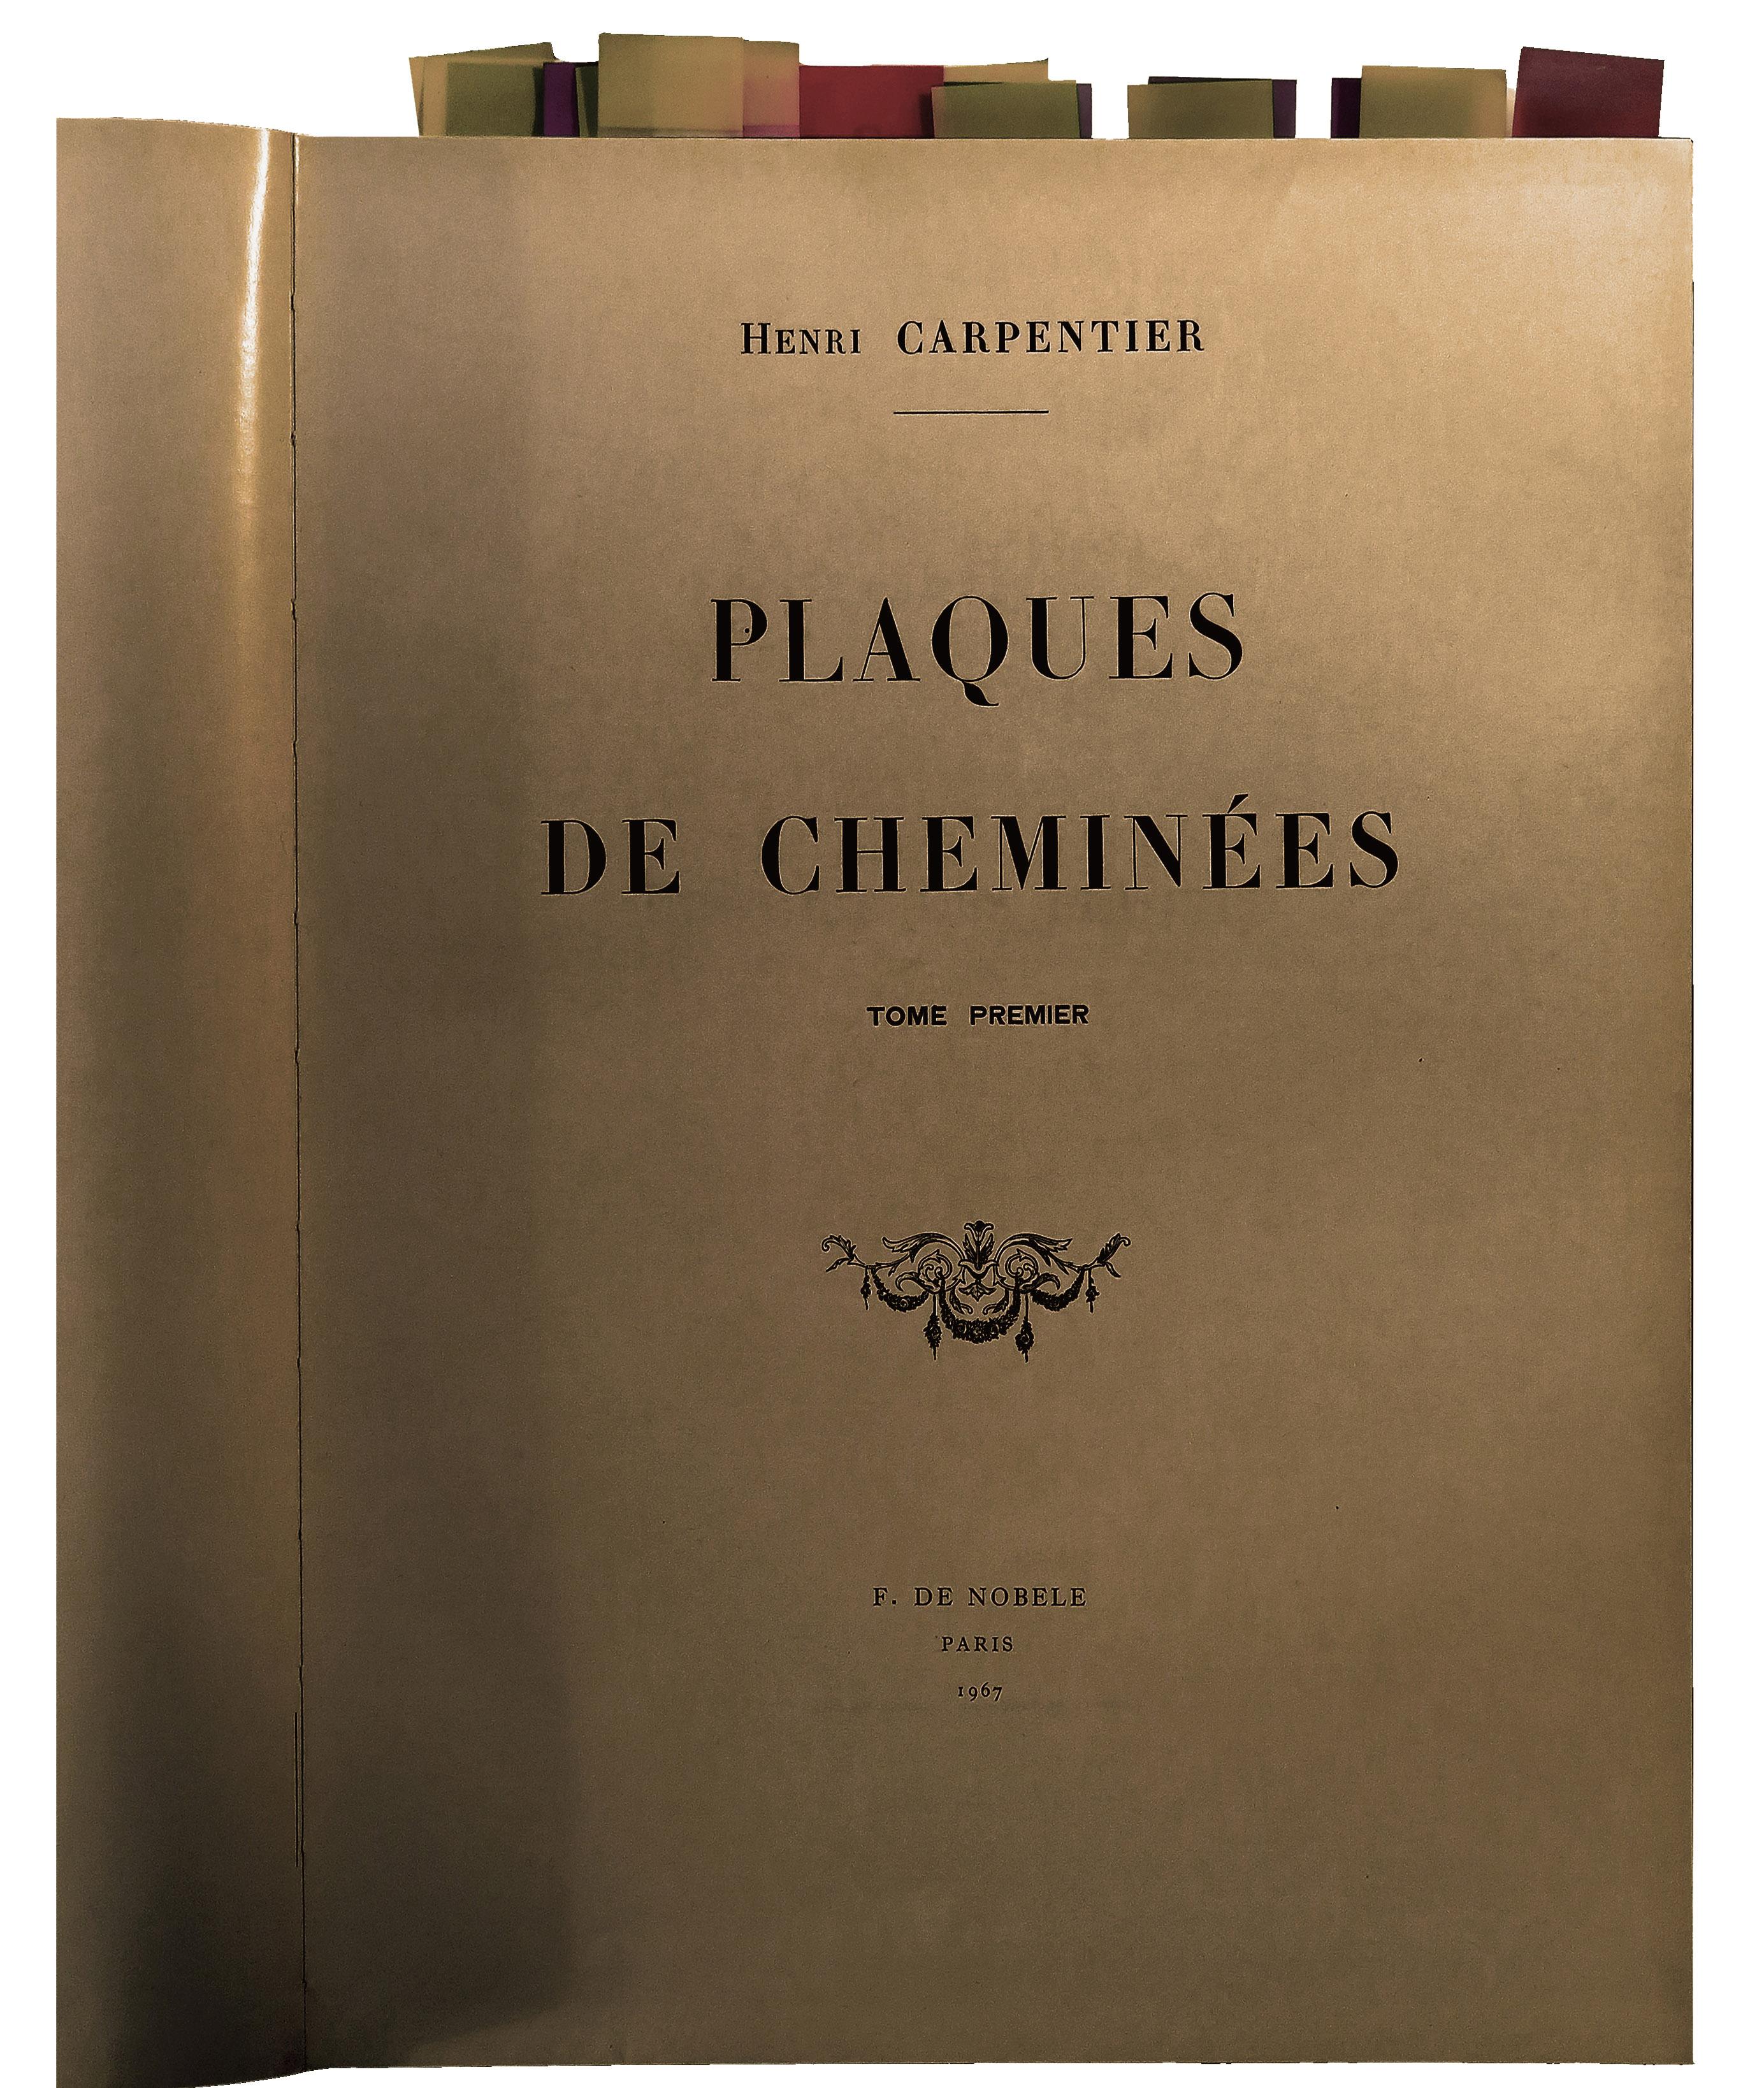 Plaques de cheminées, Auteur Carpentier Henri, Editeur De Nobele